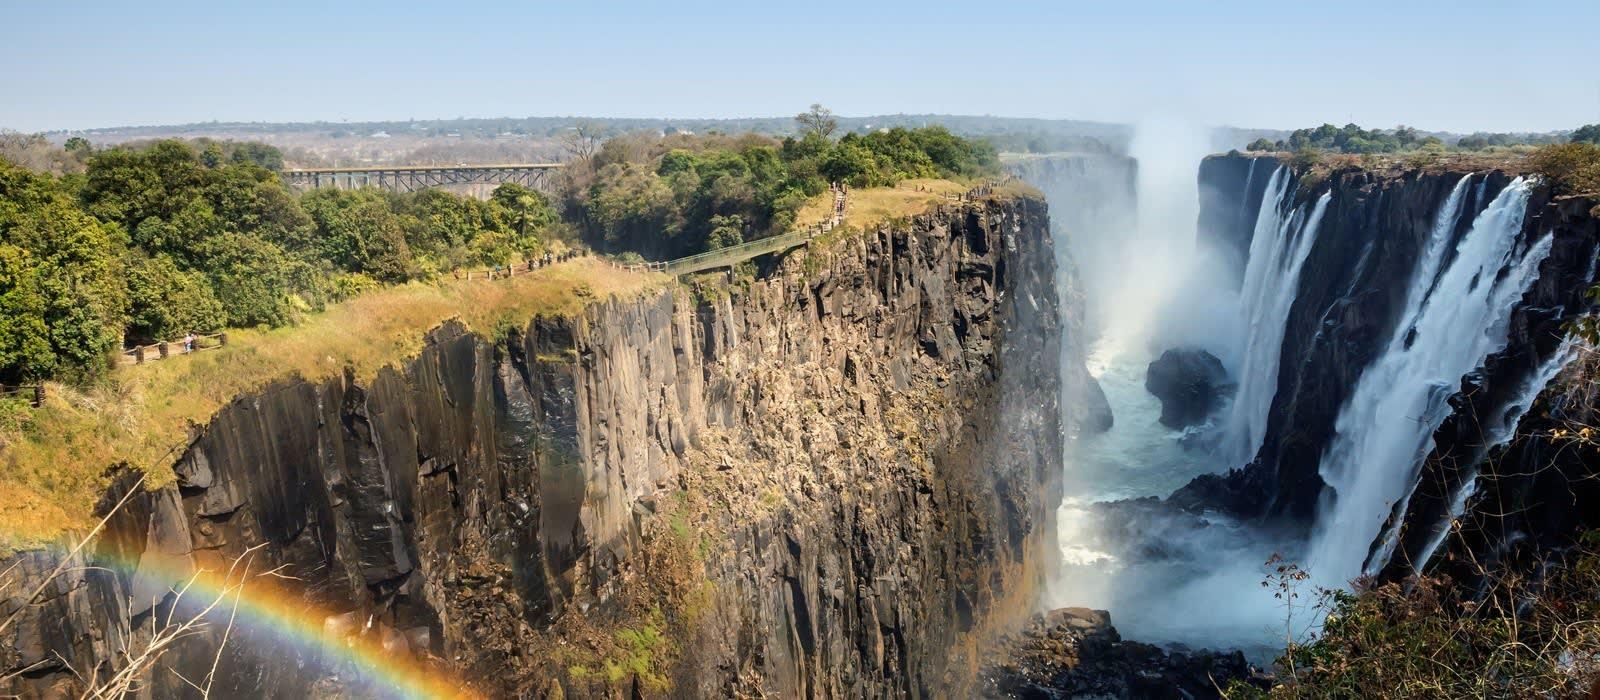 Zambia: Victoria Falls and Safari Highlights Tour Trip 1